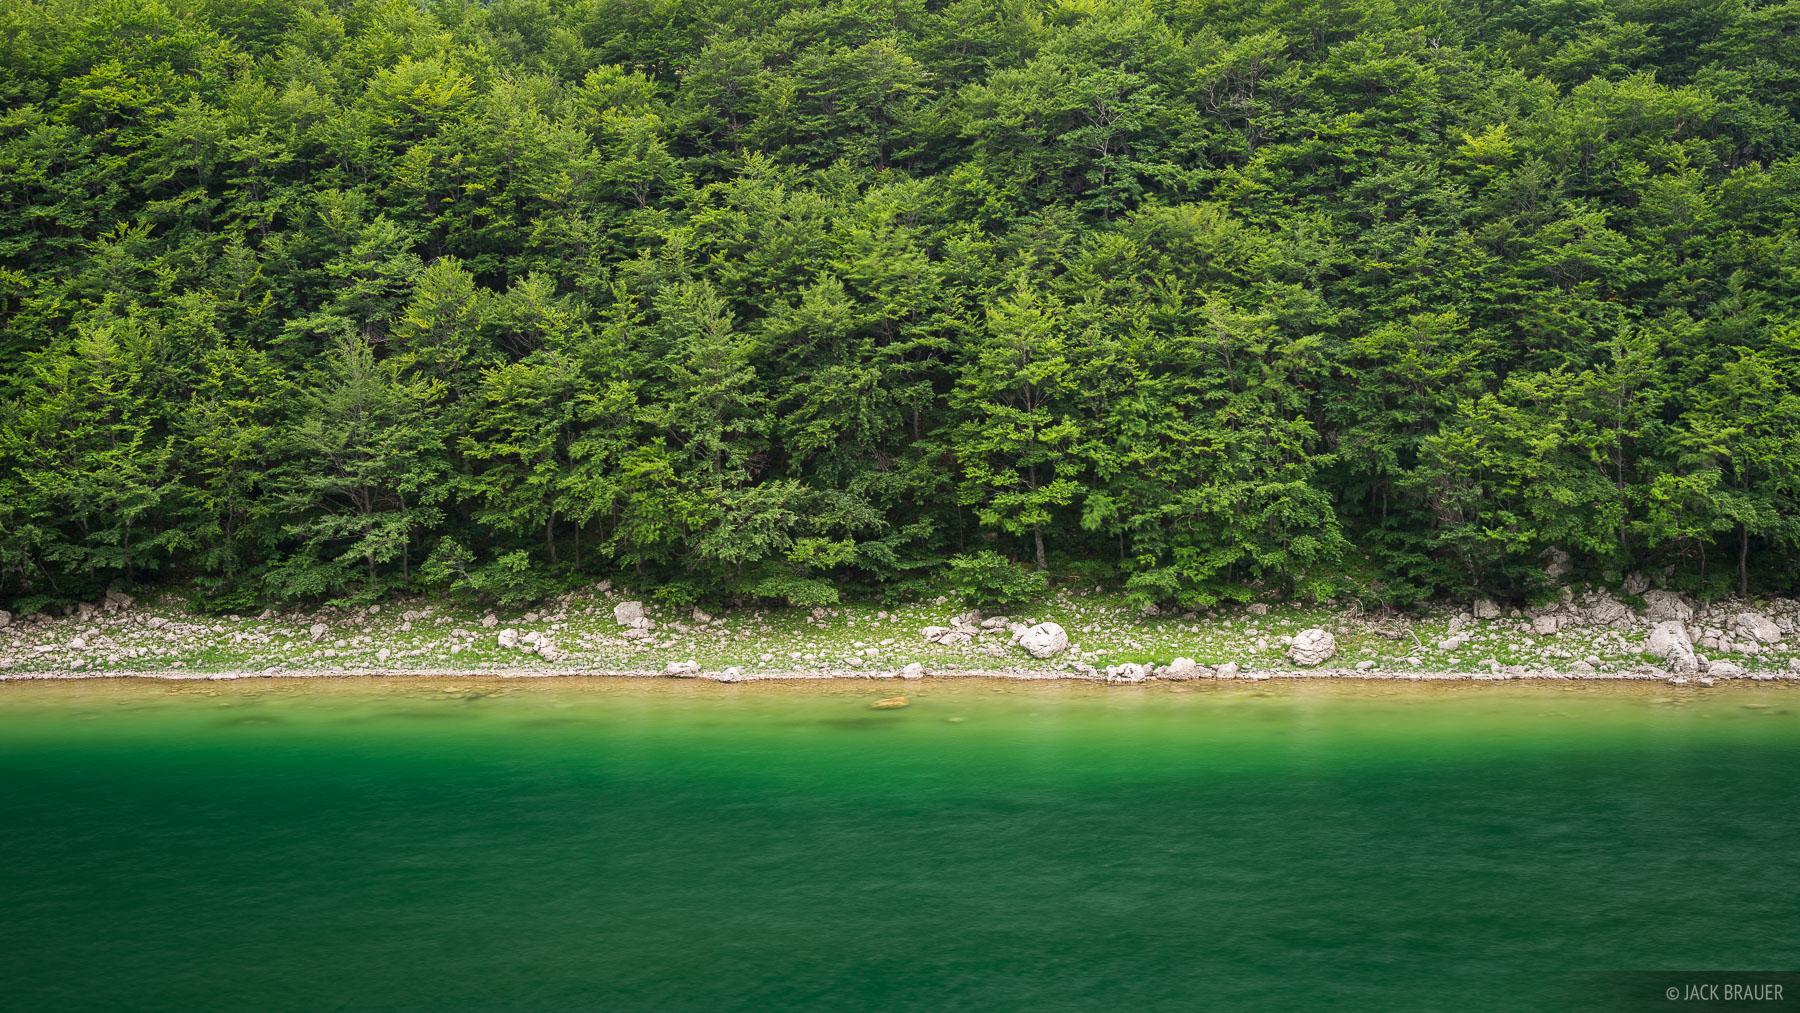 Dinaric Alps,Durmitor National Park,Montenegro,Škrčka Jezera,Škr?ka Jezera